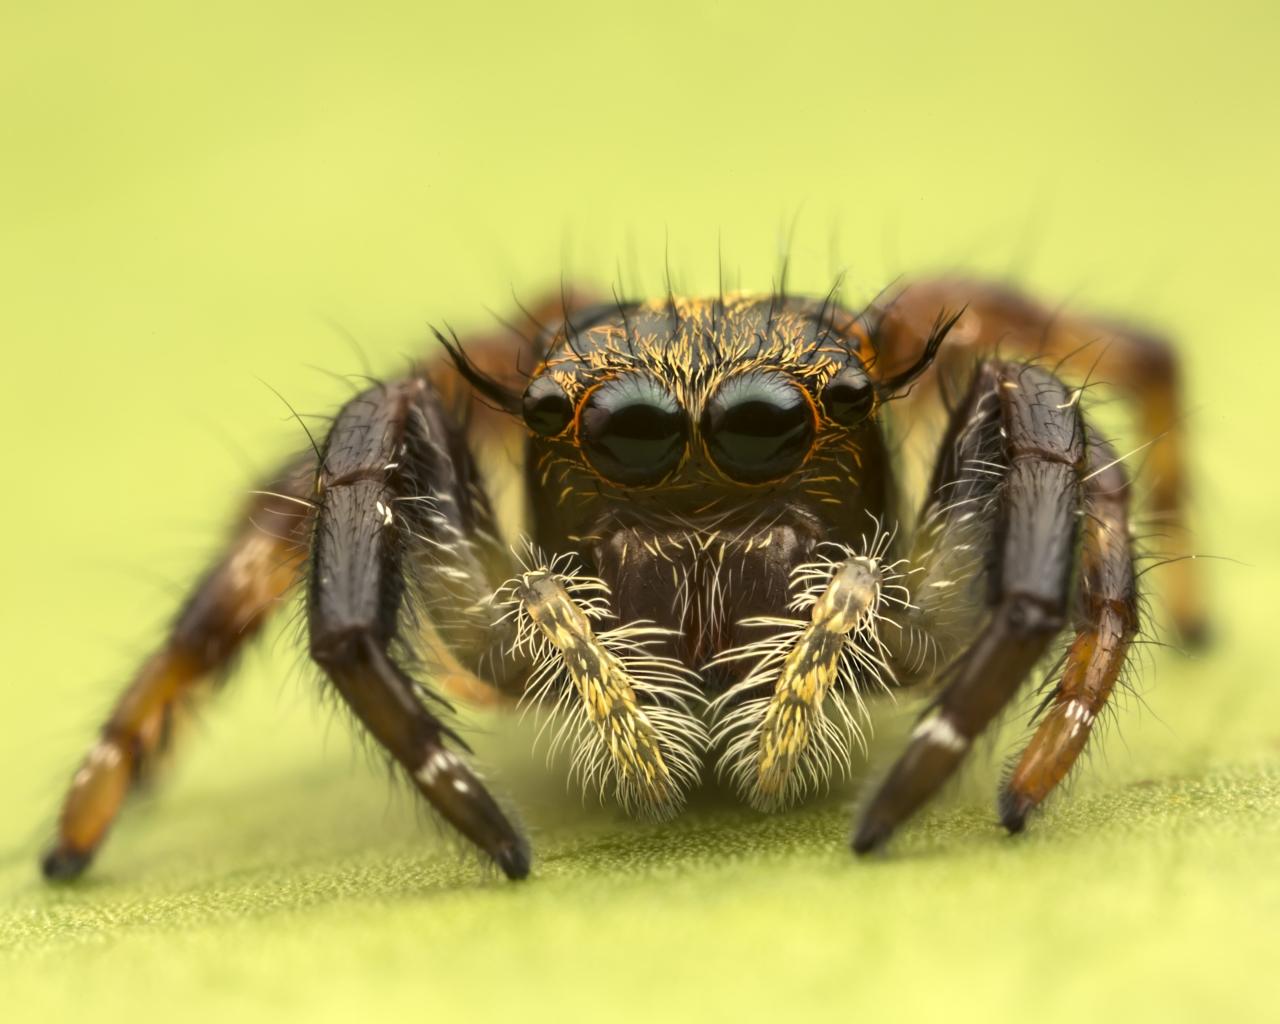 Insecto en macro - 1280x1024